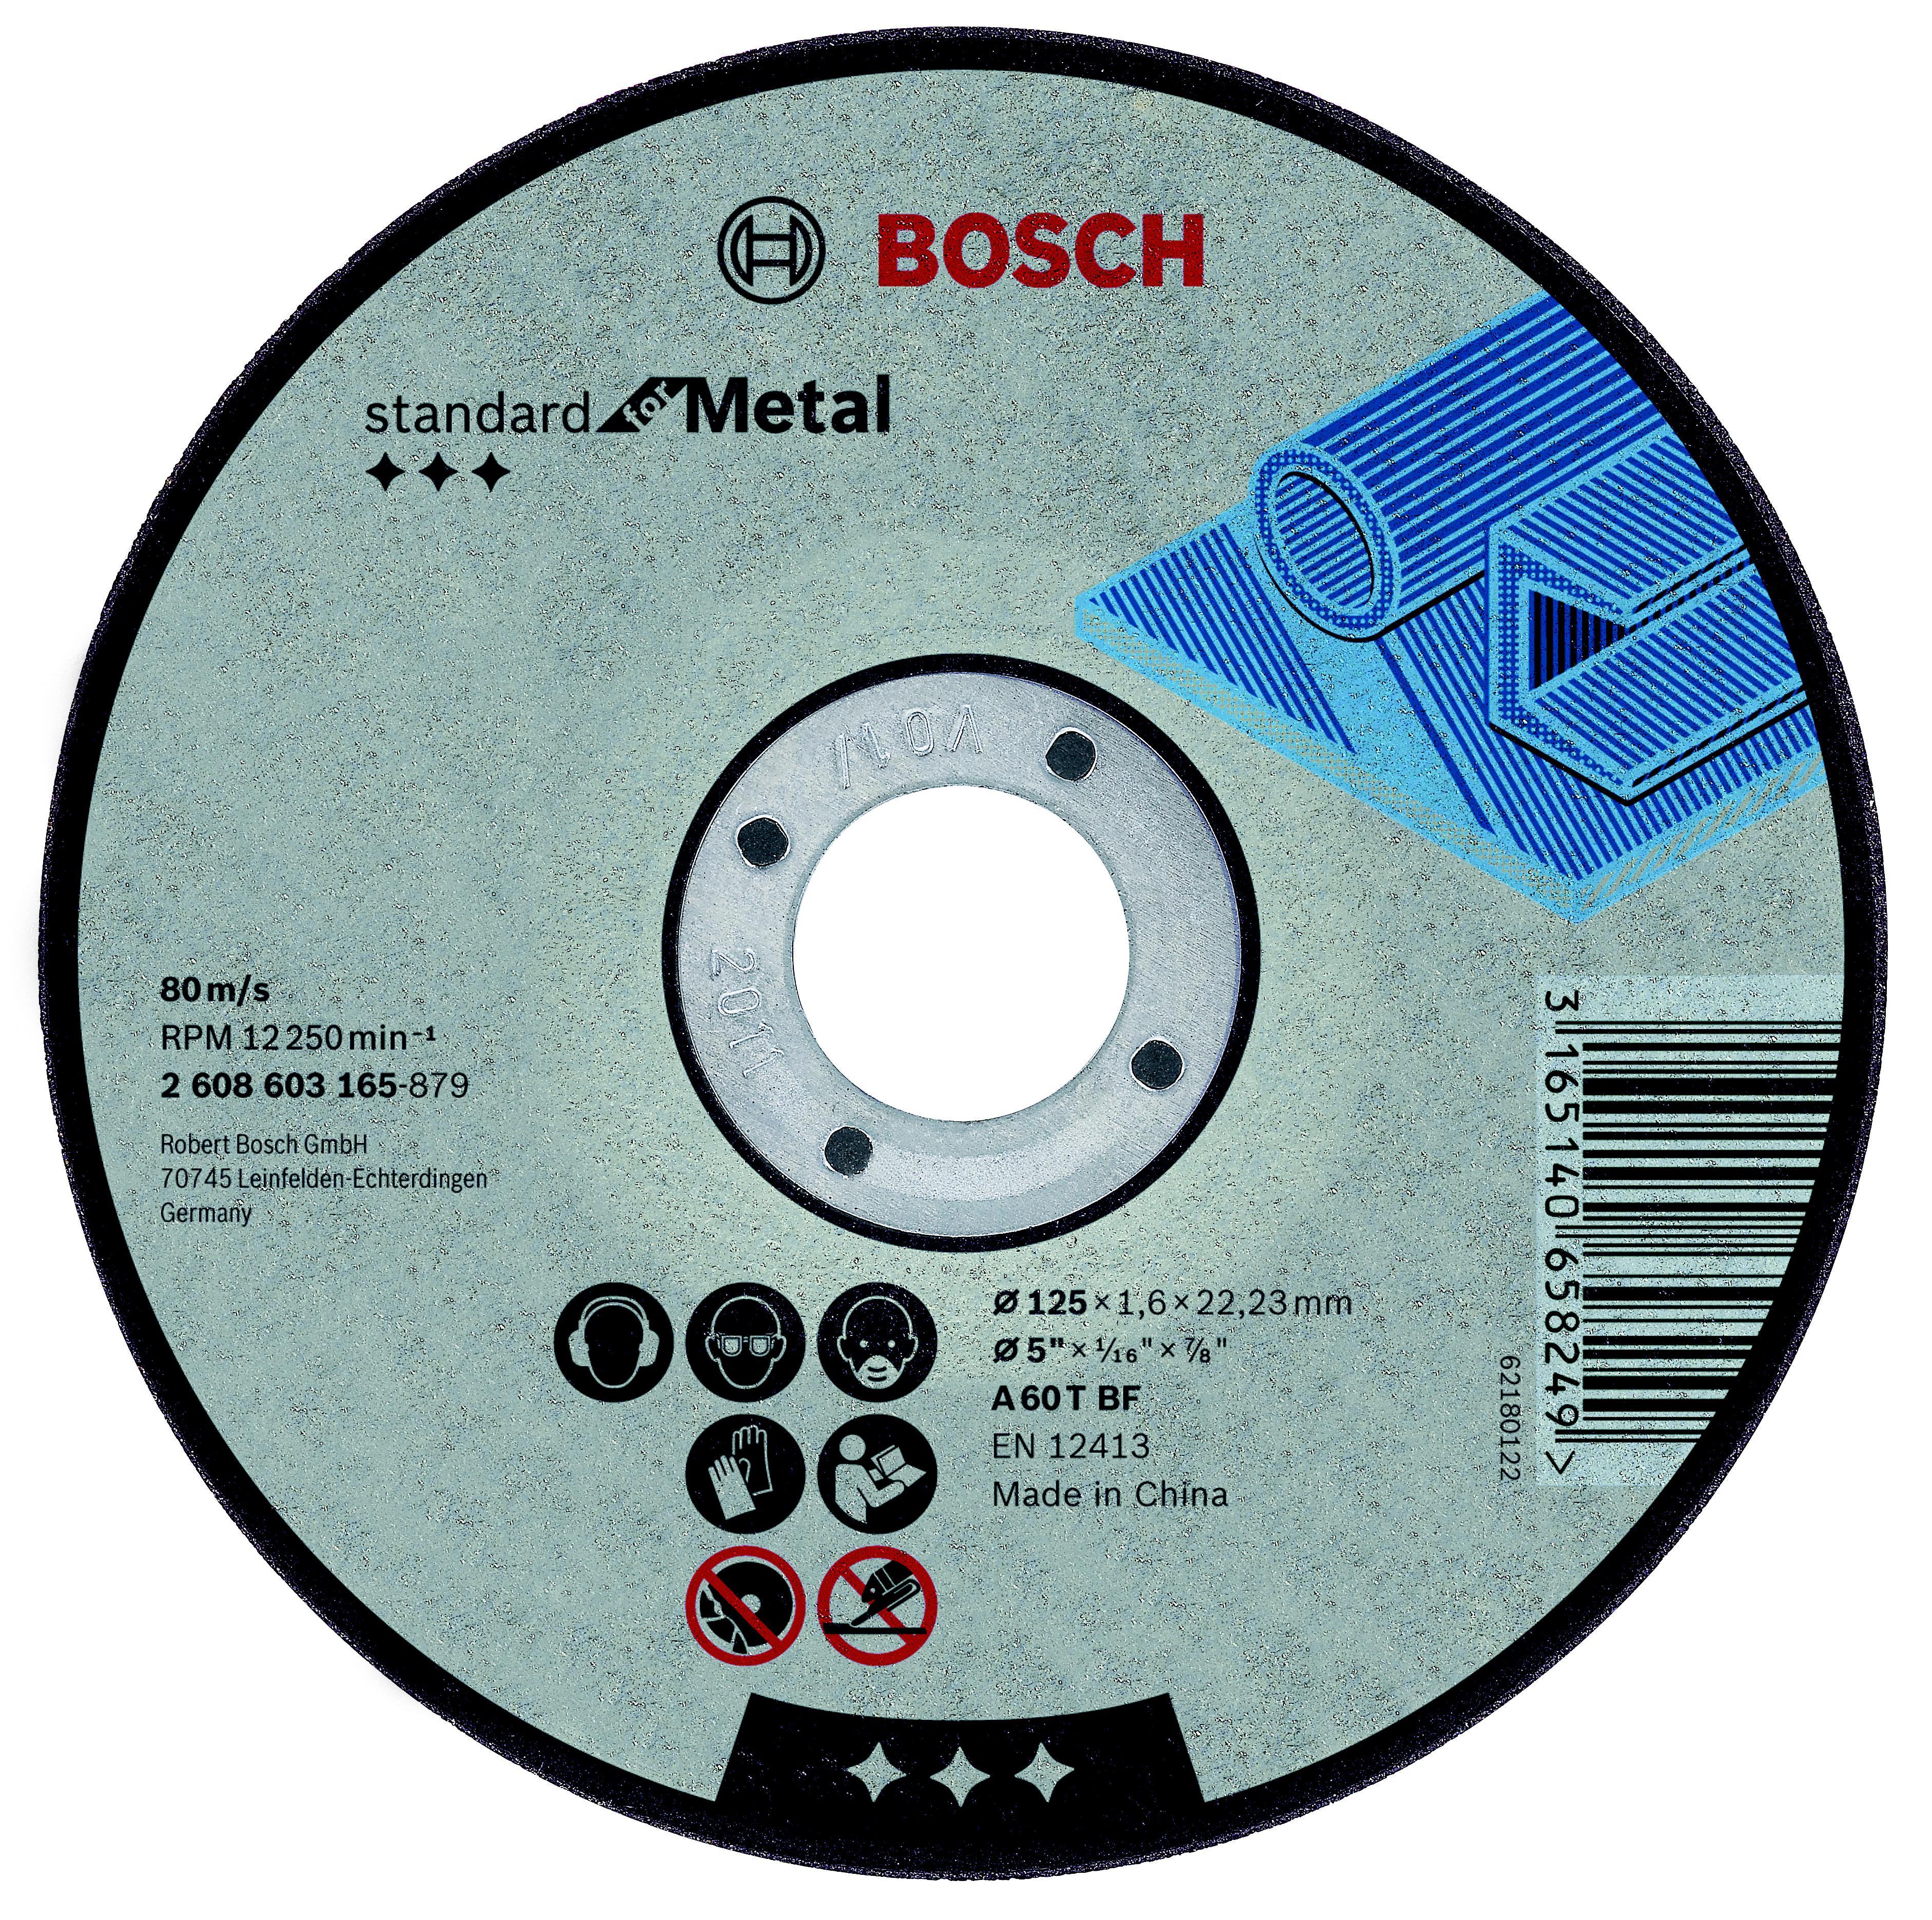 Круг отрезной Bosch 230х3х22 standard for metal (2.608.603.168) круг отрезной bosch bosch 3 in 1 115x2 5x22 по нерж 2 608 602 388